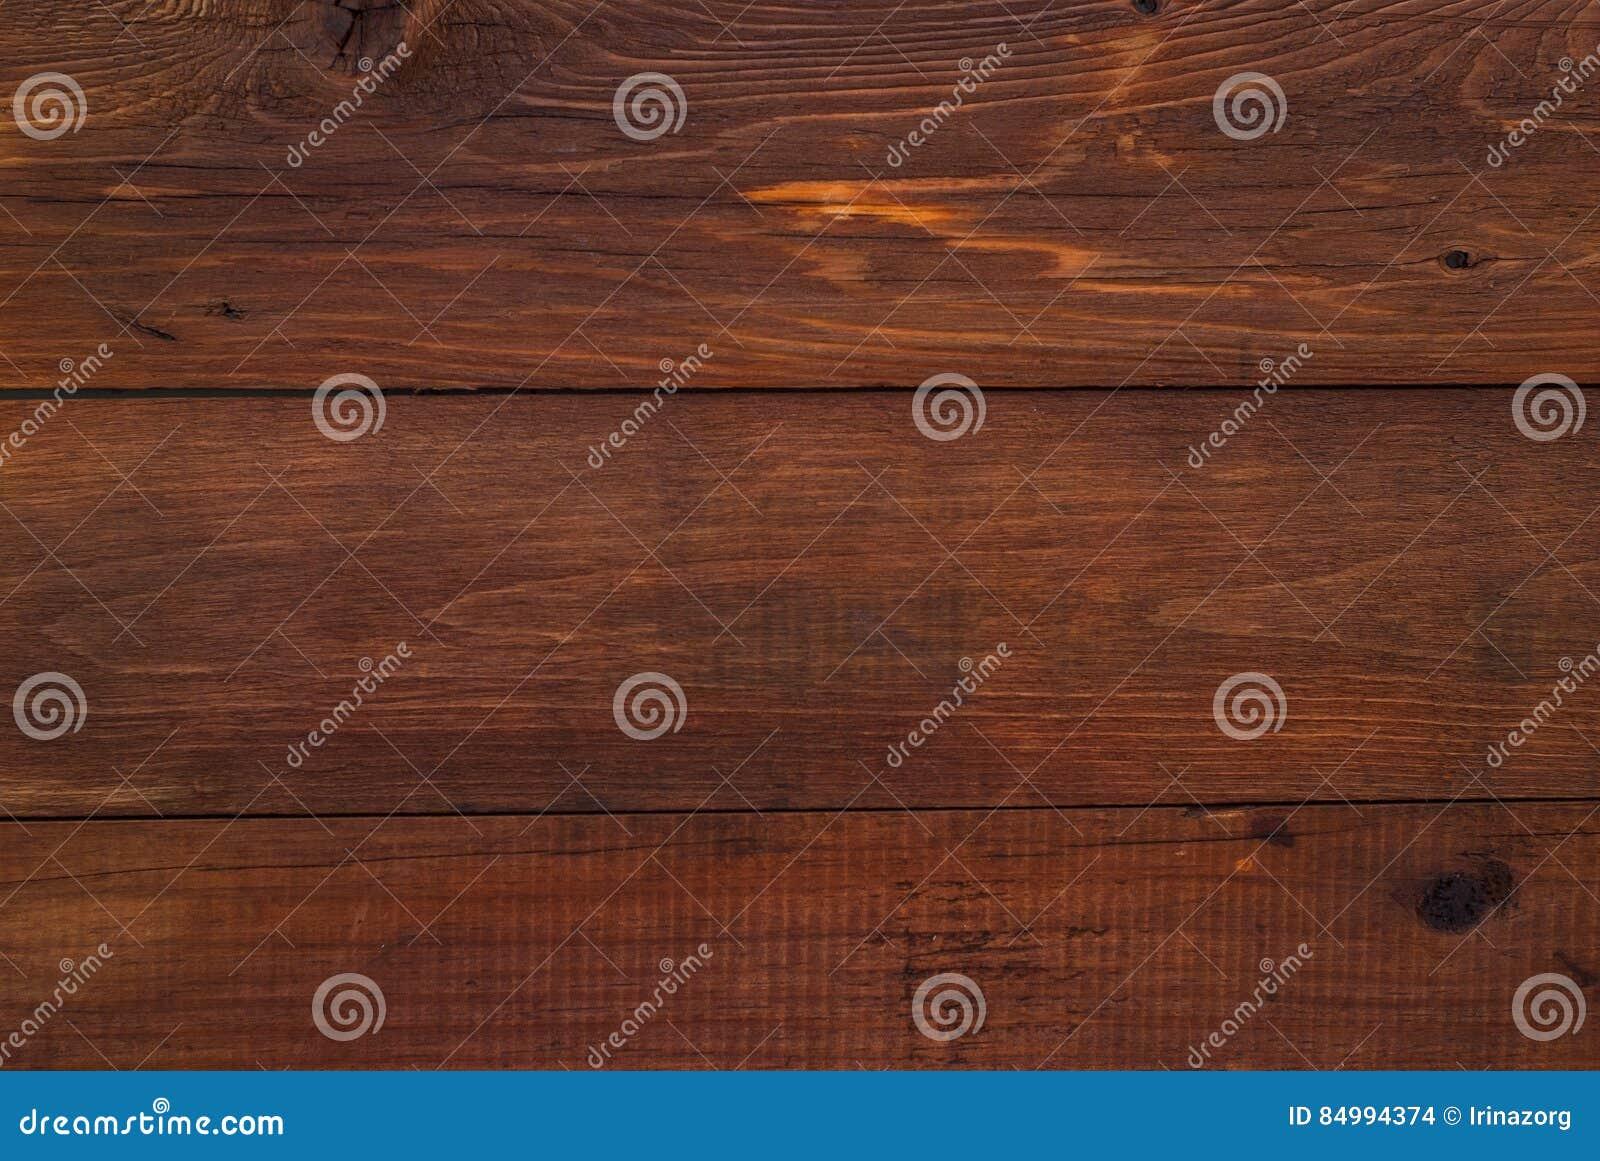 Wood texture wooden plank - Wood Texture Wooden Plank Grain Background